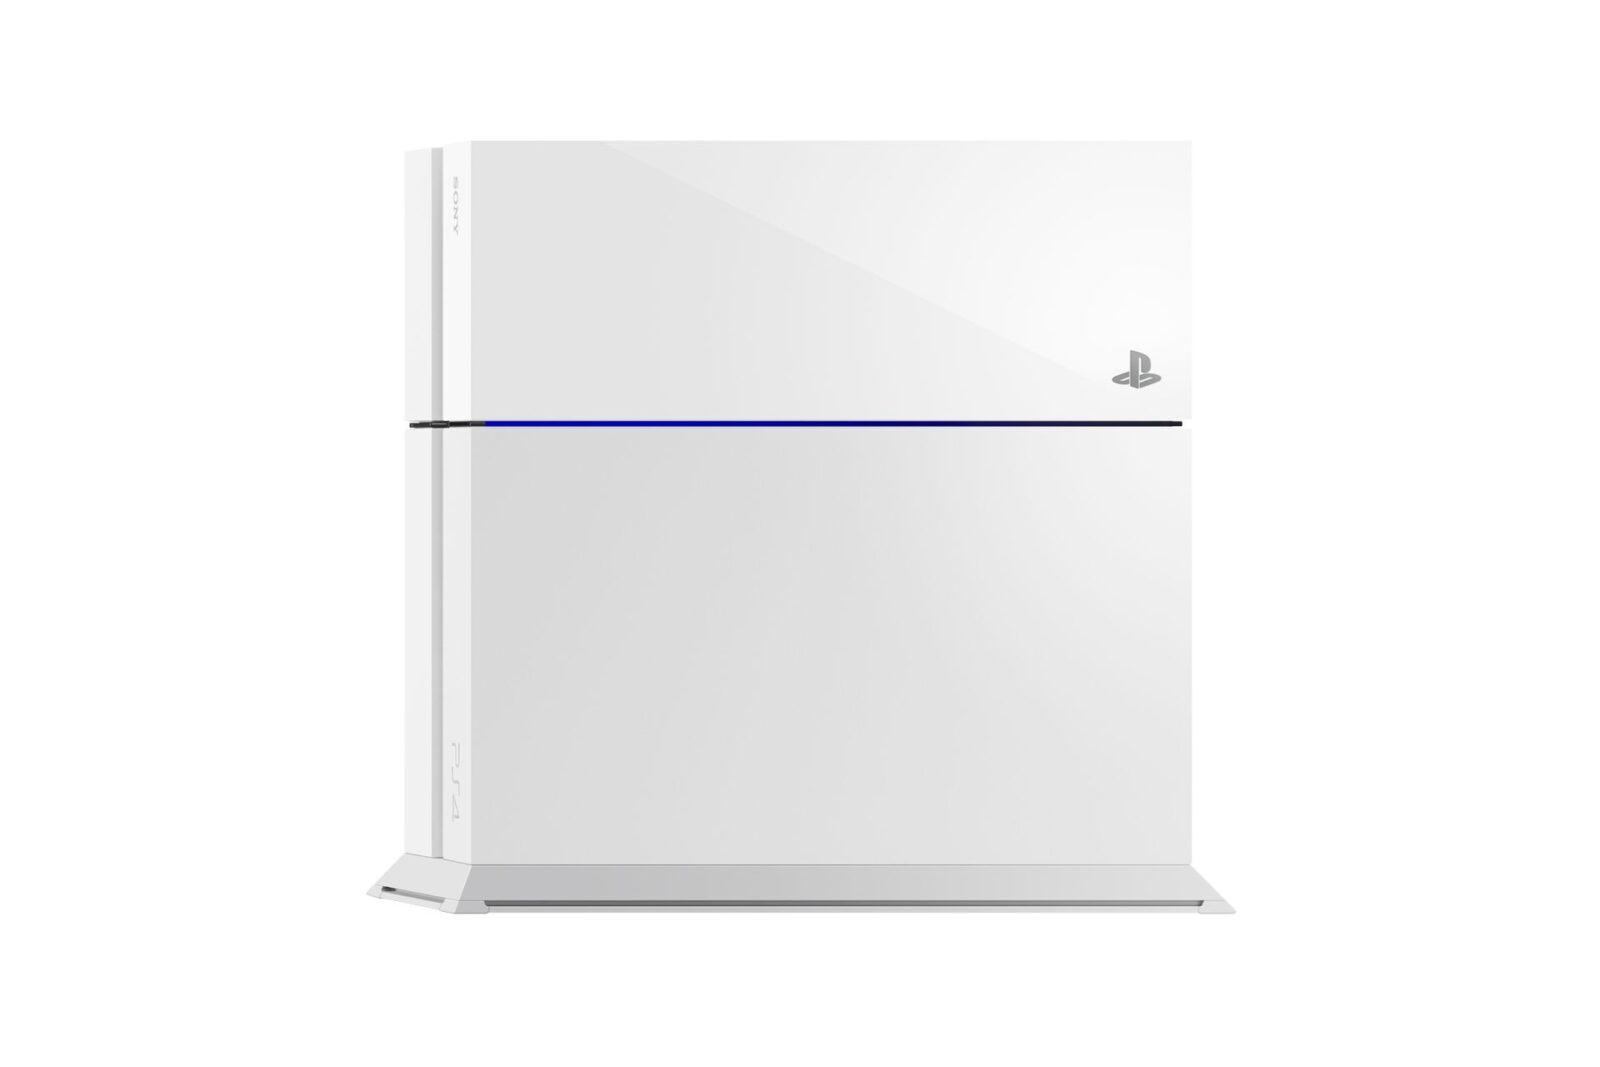 לבן white PS4